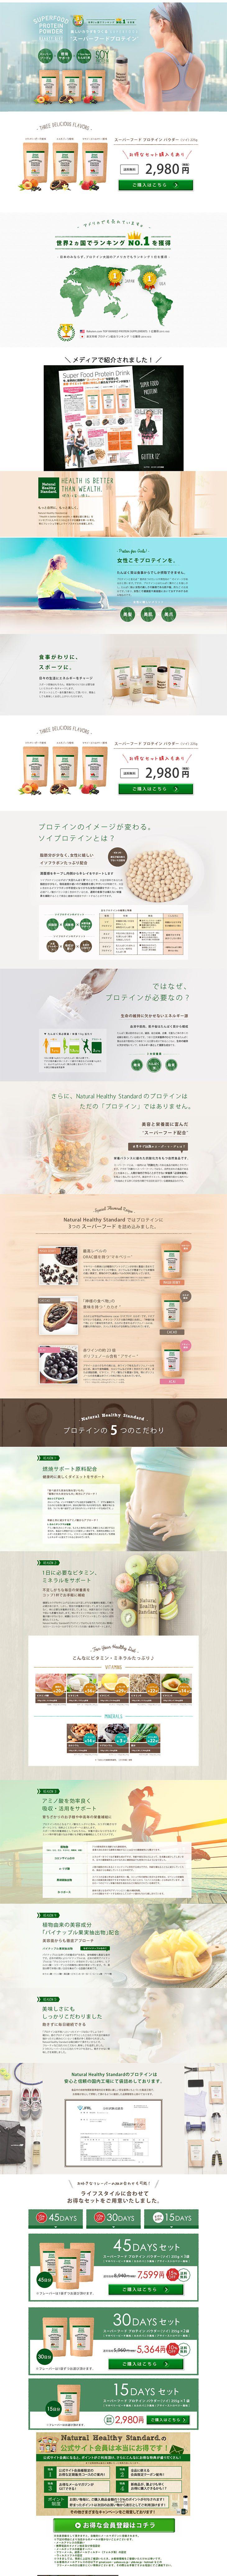 スーパーフードプロテインパウダー【健康・美容食品関連】のLPデザイン。WEBデザイナーさん必見!ランディングページのデザイン参考に(シンプル系)